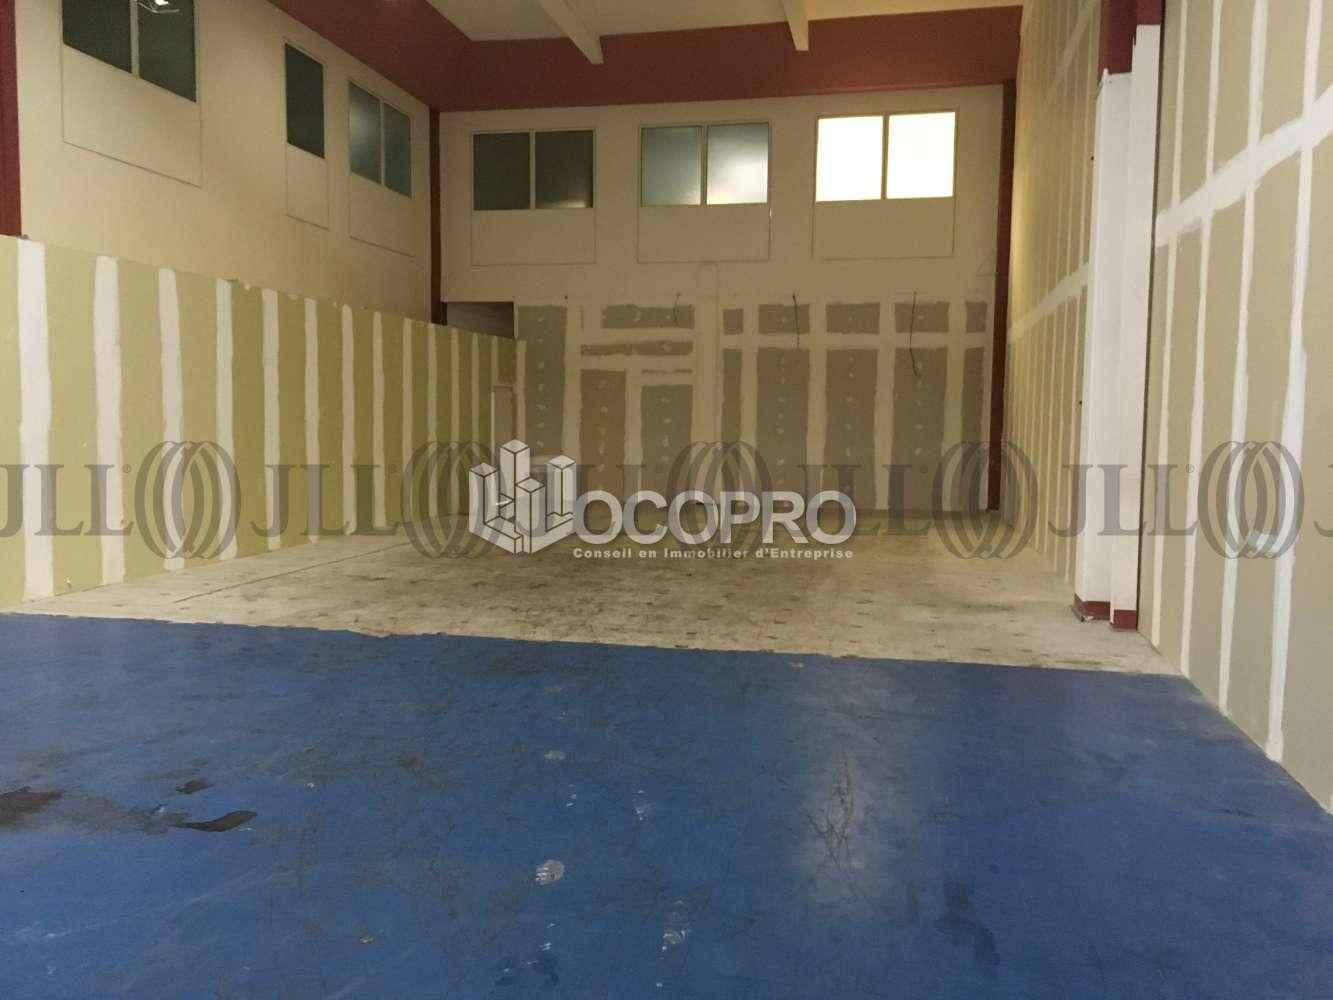 Activités/entrepôt La bocca, 06150 - SPACE CAMP